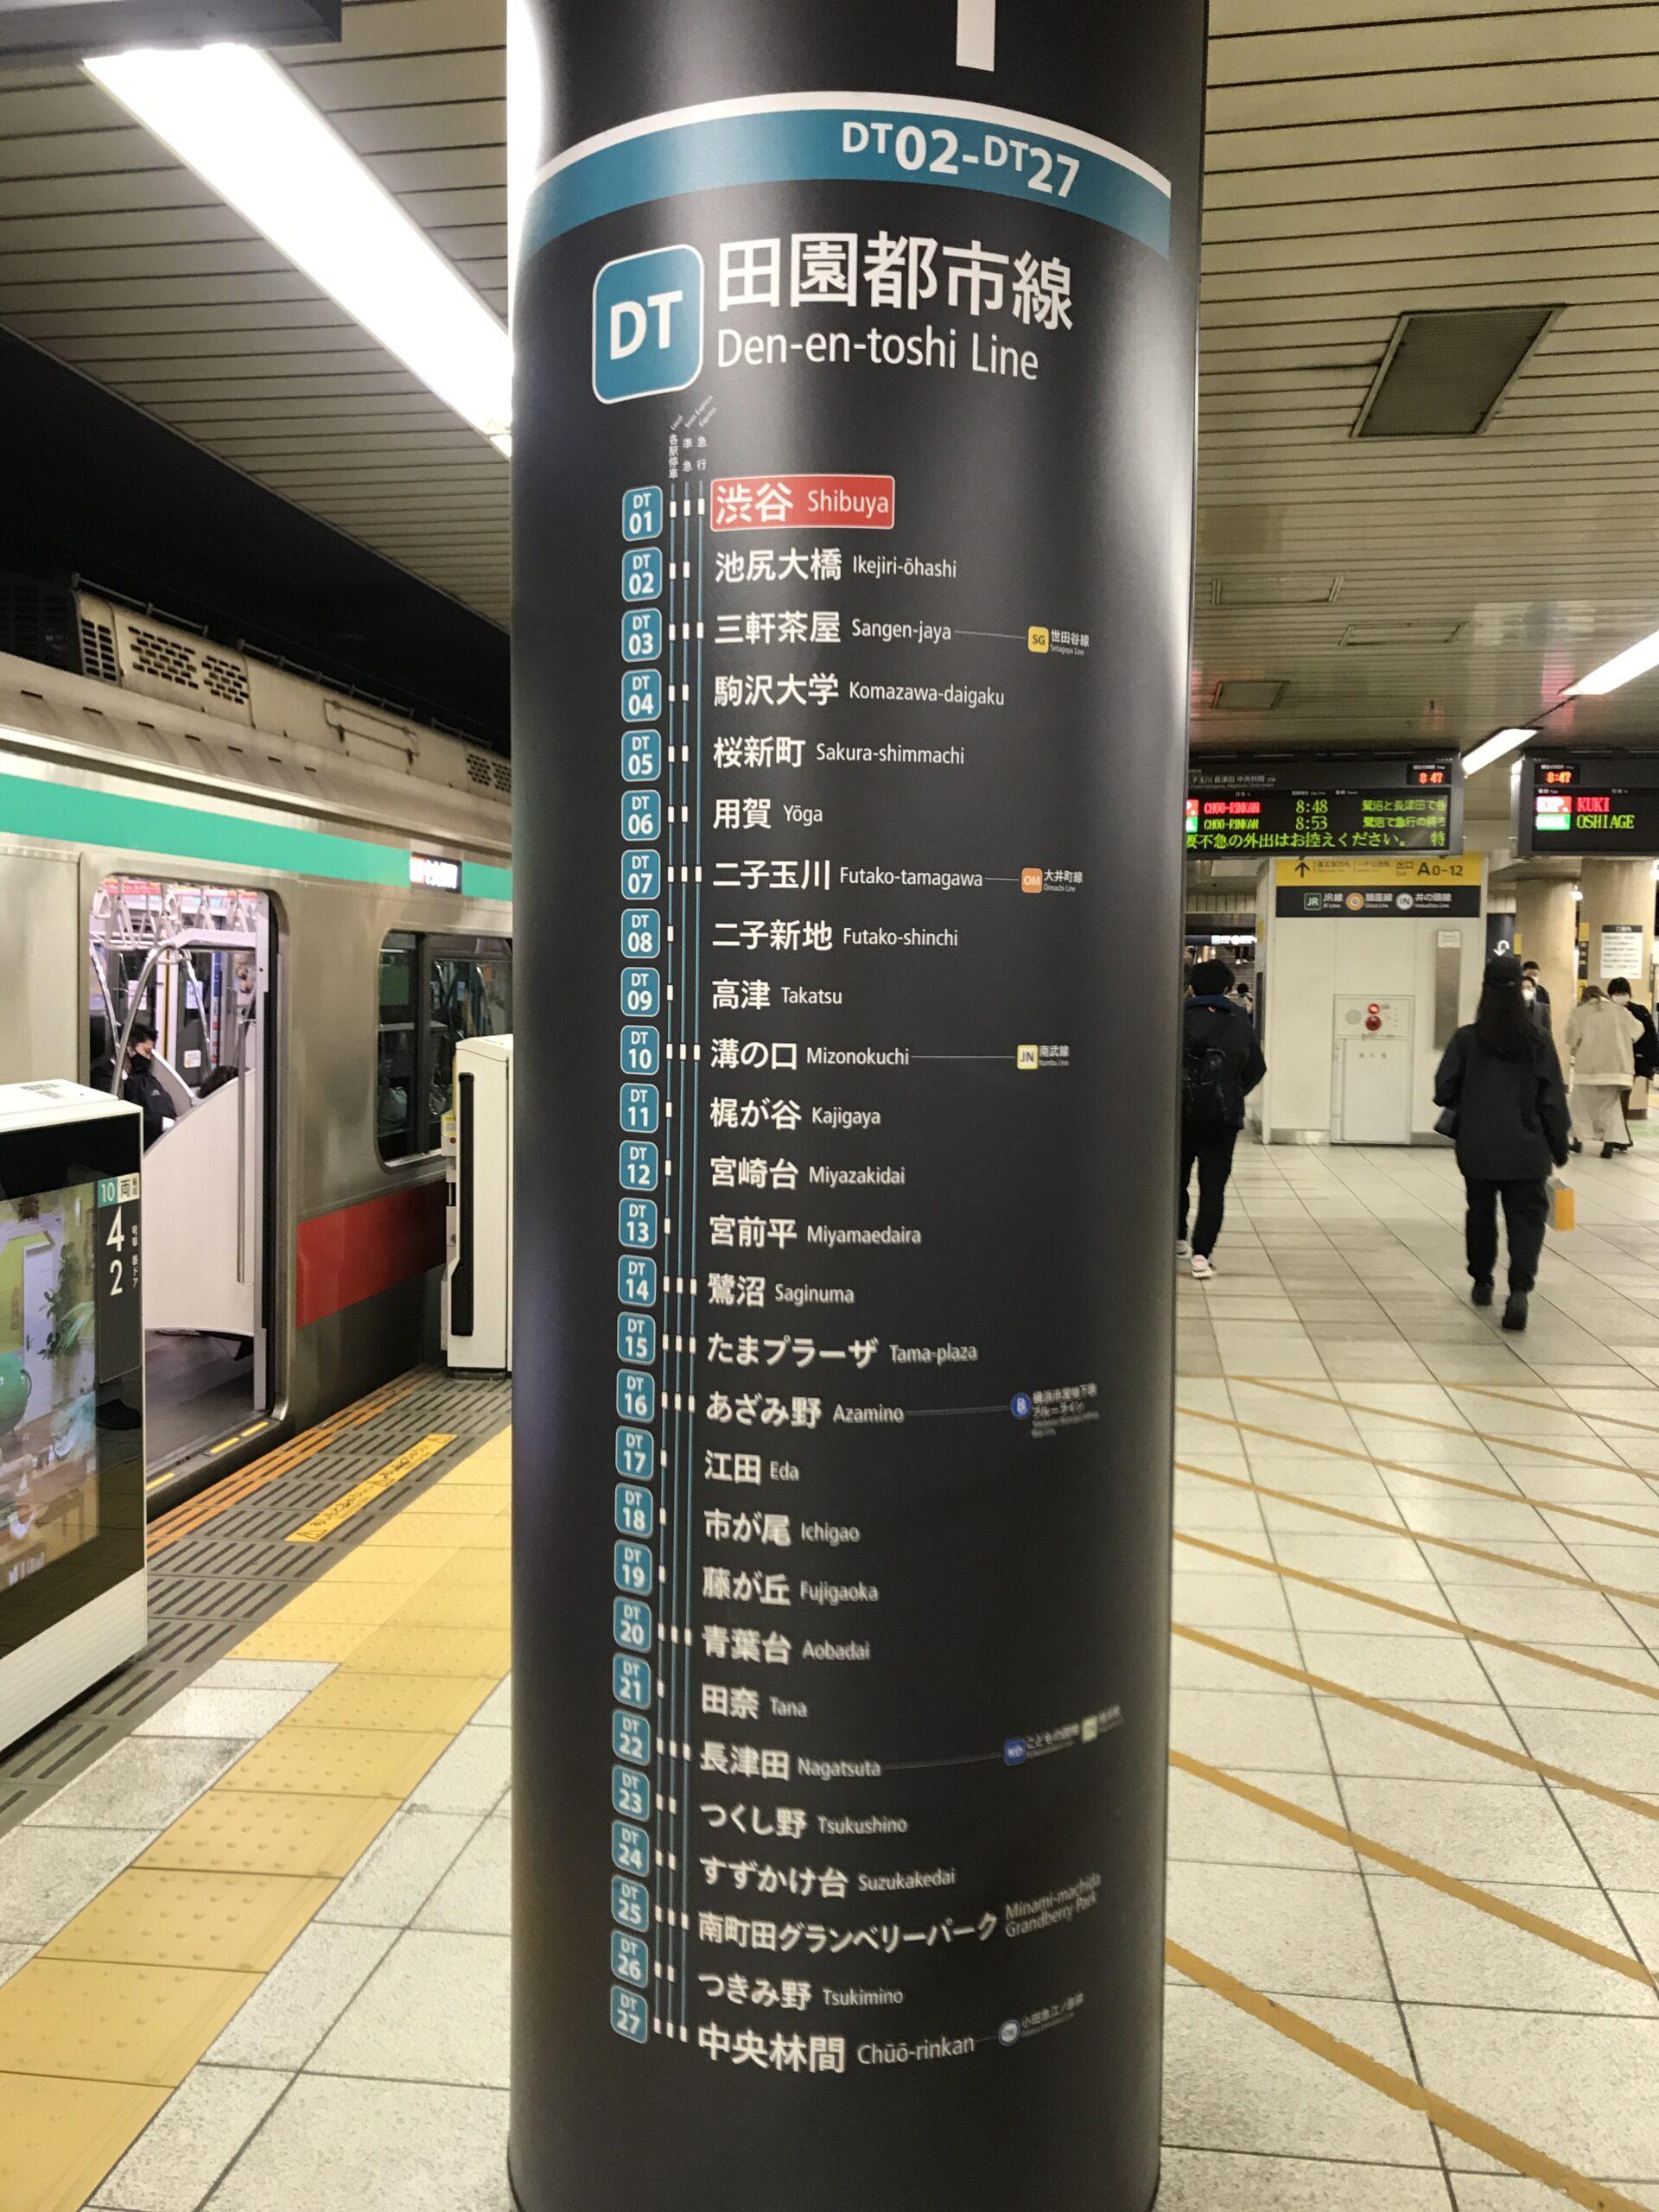 DT_路線図